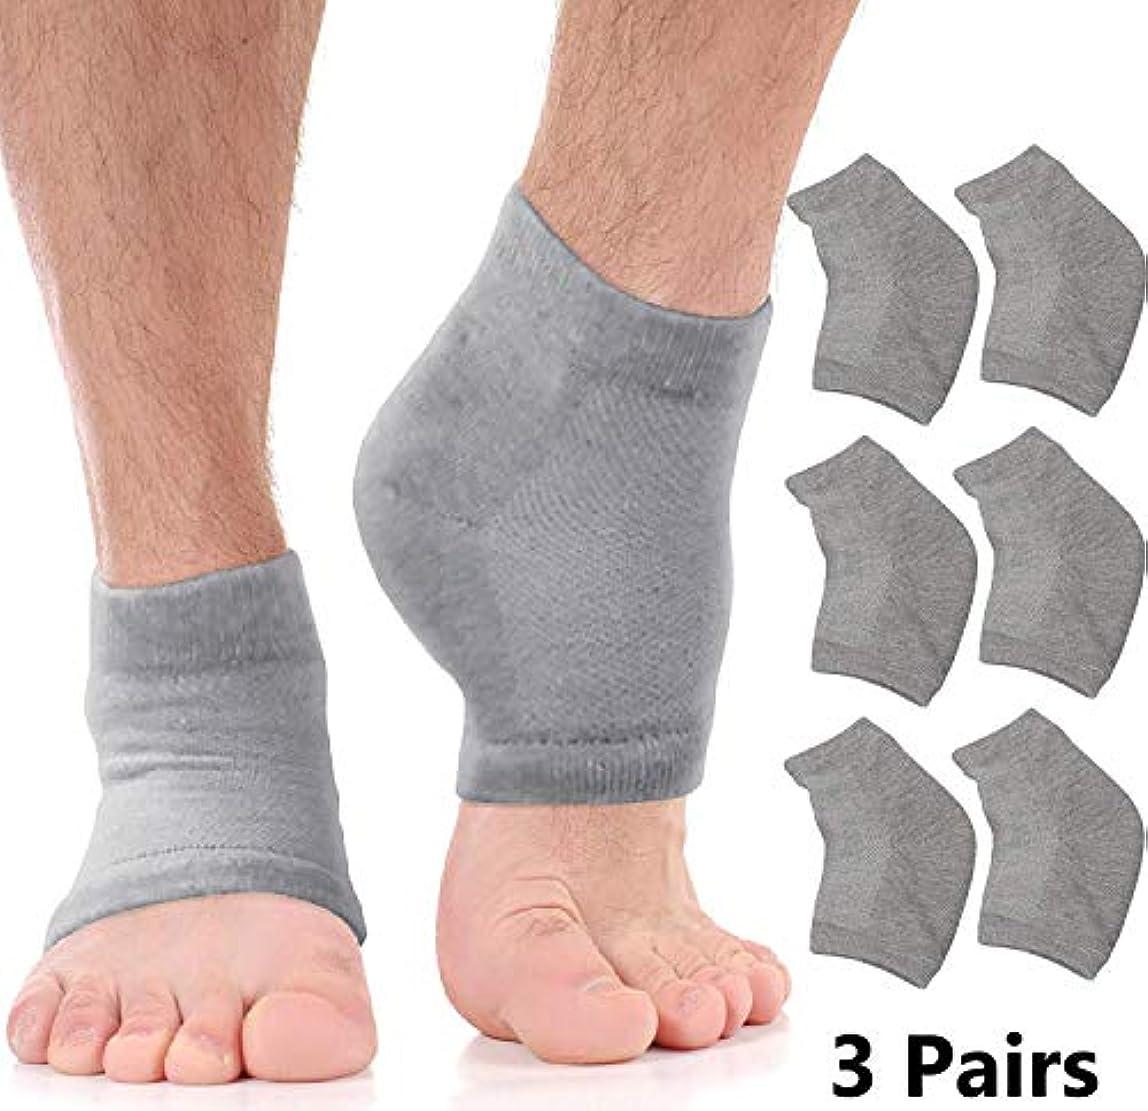 頂点スーパー欠如モイスチャライジングソックスクラックトヒールトリートメント-乾燥した足とかかとを素早く扱います。 アロエモイスチャライザーローションを注入したジェルヒールソックスで、ひび割れた足の皮膚の痛みを和らげます。 女性と男性の両方...